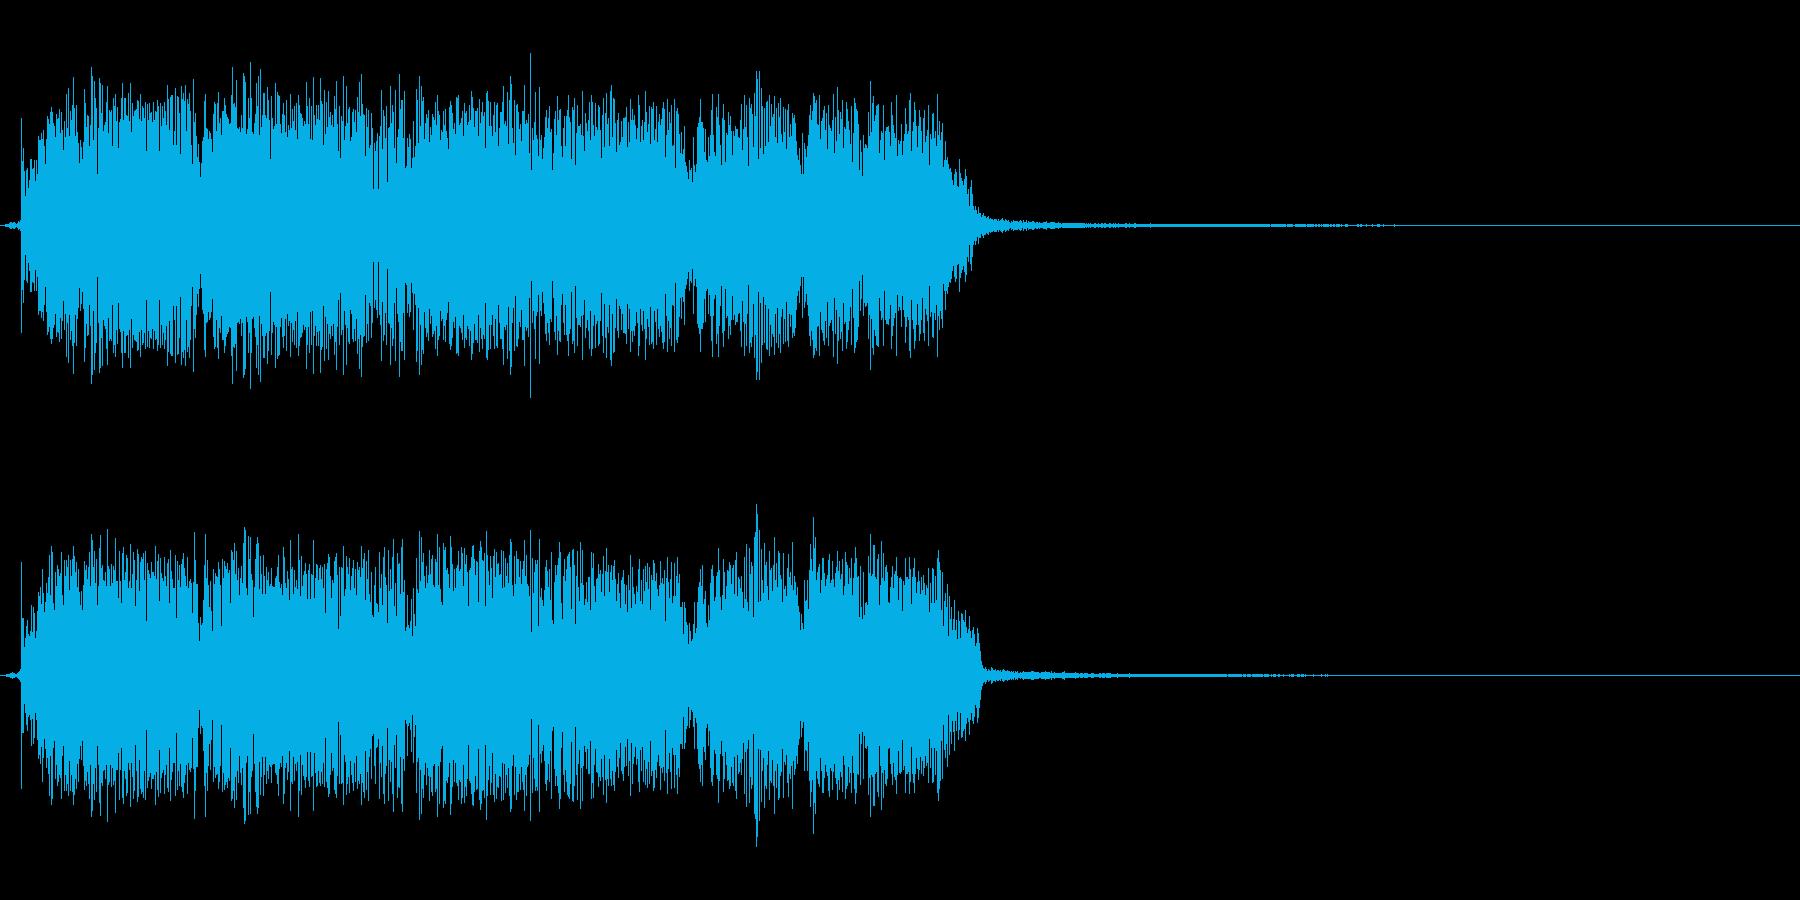 タイトル、ゲーム等のギターリフジングル短の再生済みの波形